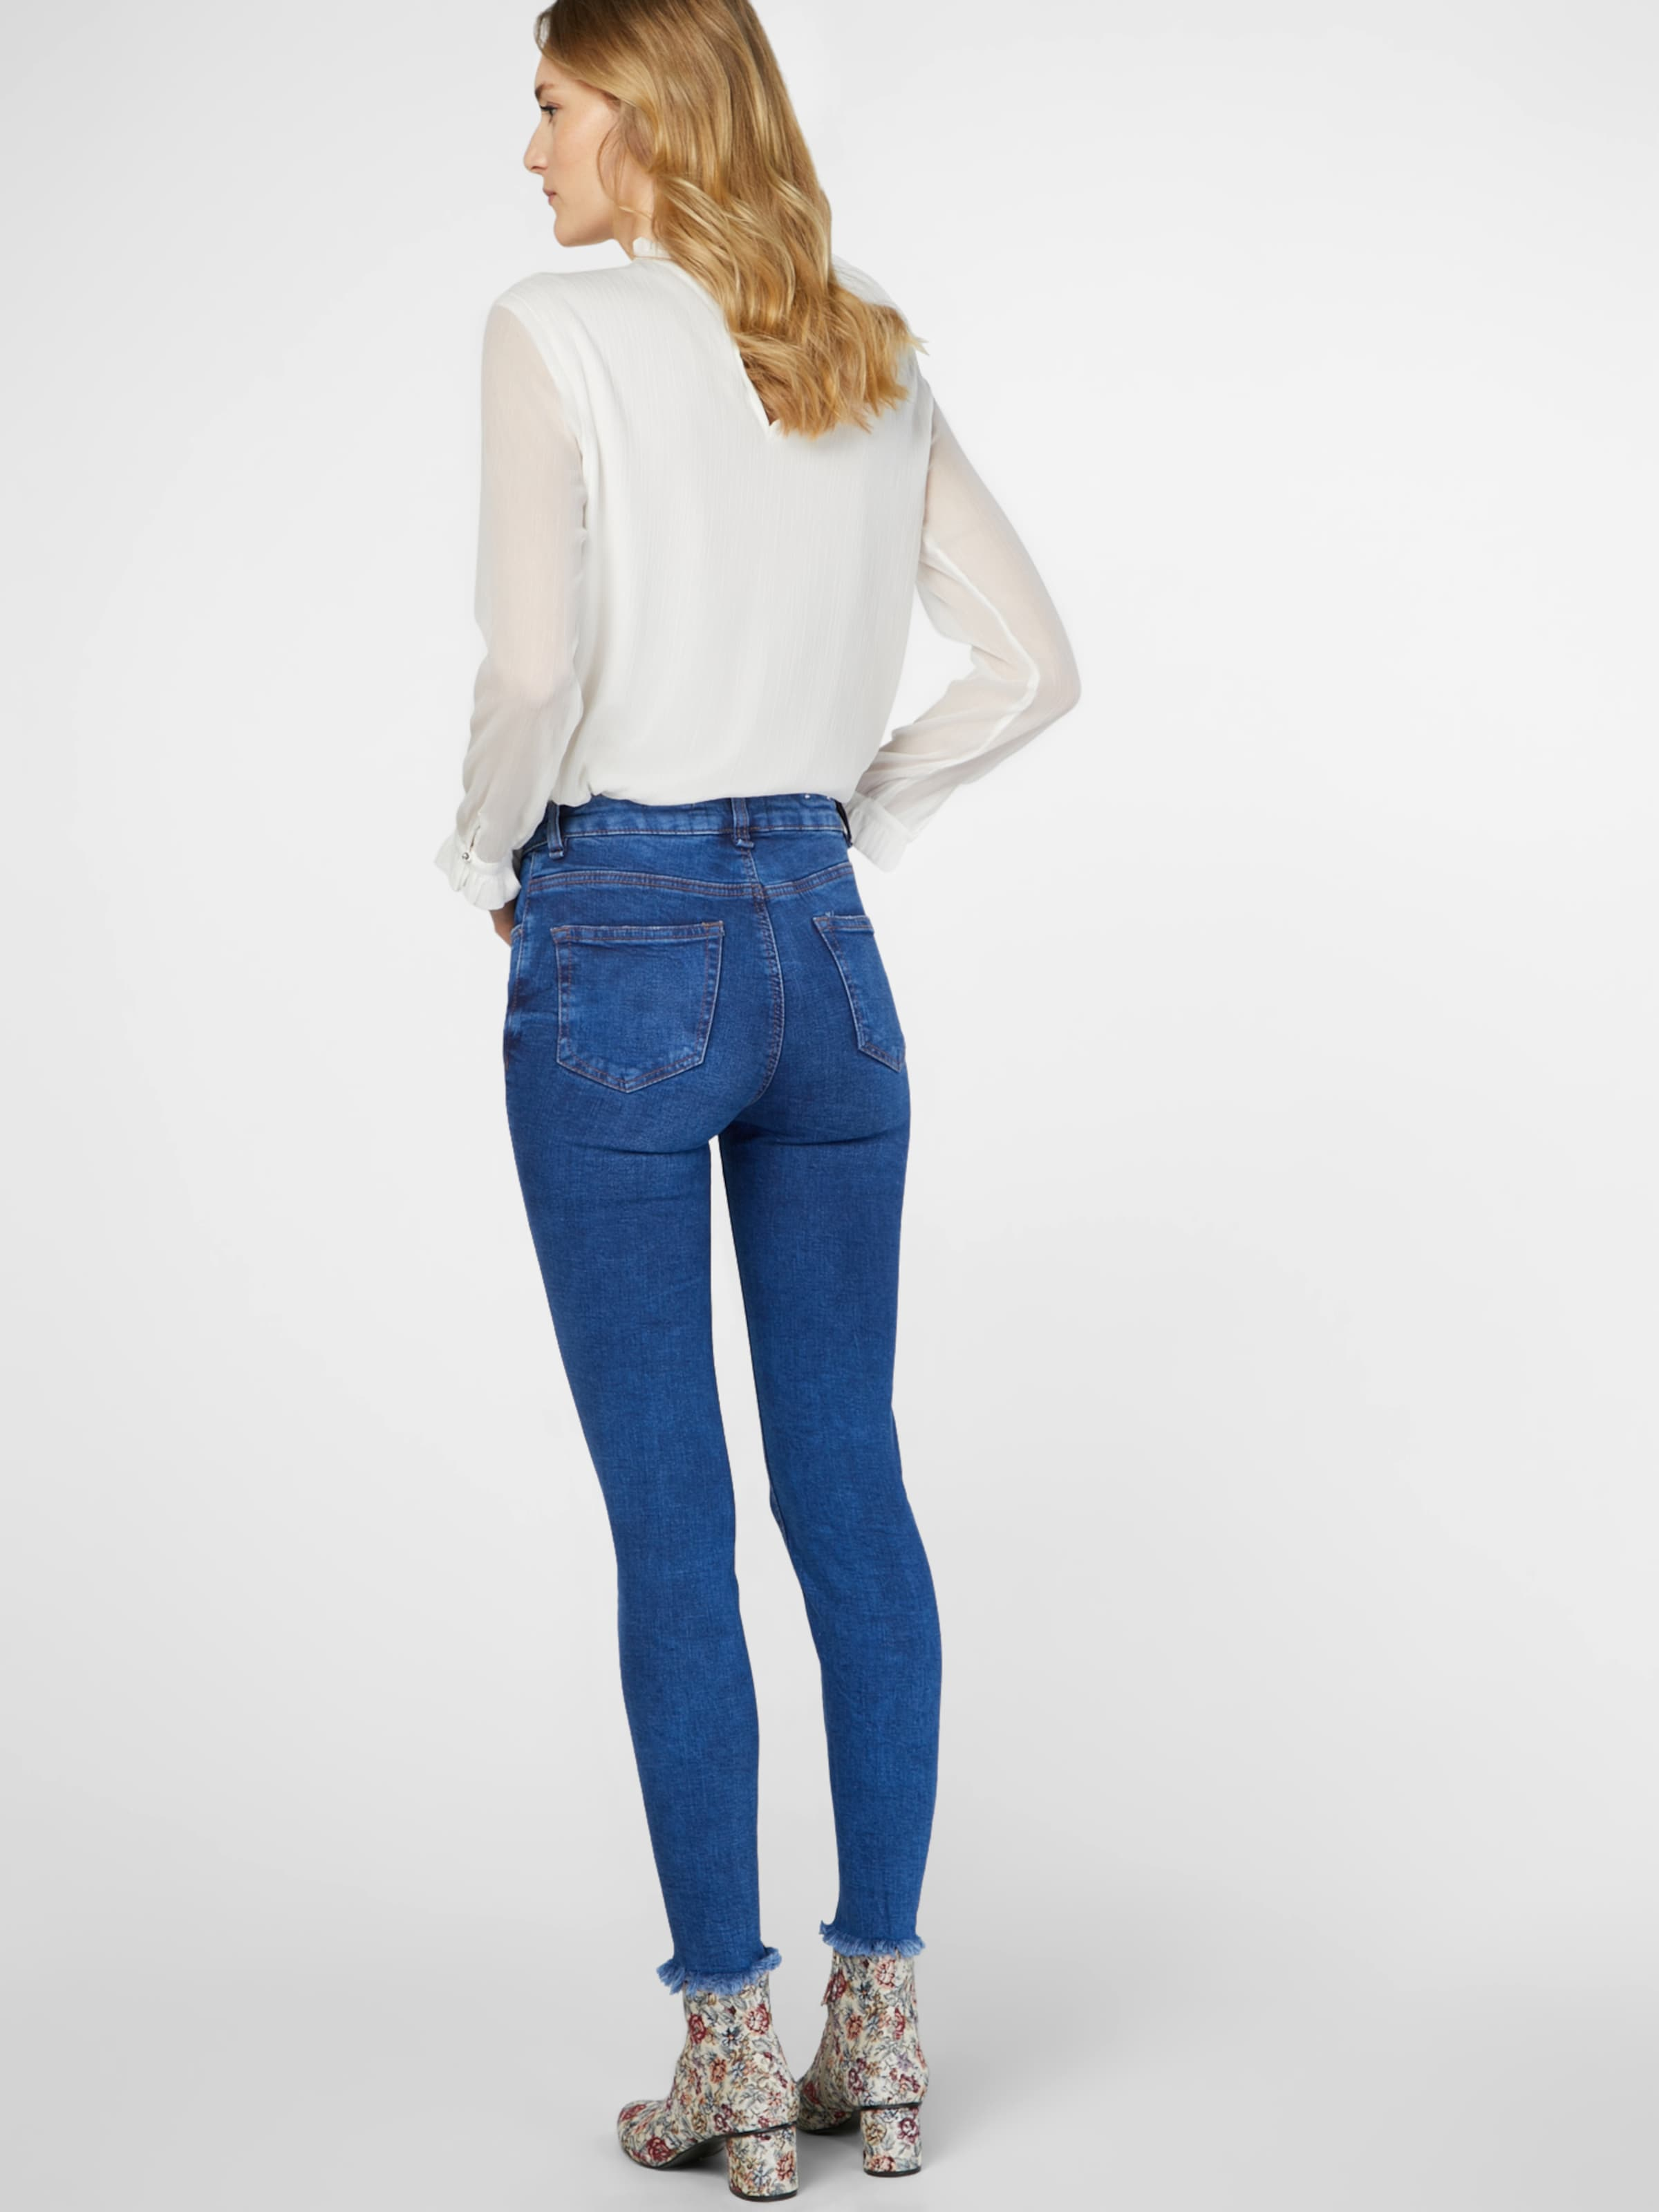 Neueste NEW LOOK Jeans 'MOONLIGHT CATSCRATCH' Wiki Freies Verschiffen Preiswerter Preis Günstig Kaufen Klassisch Rabatt 2018 Neueste gce3uiSx